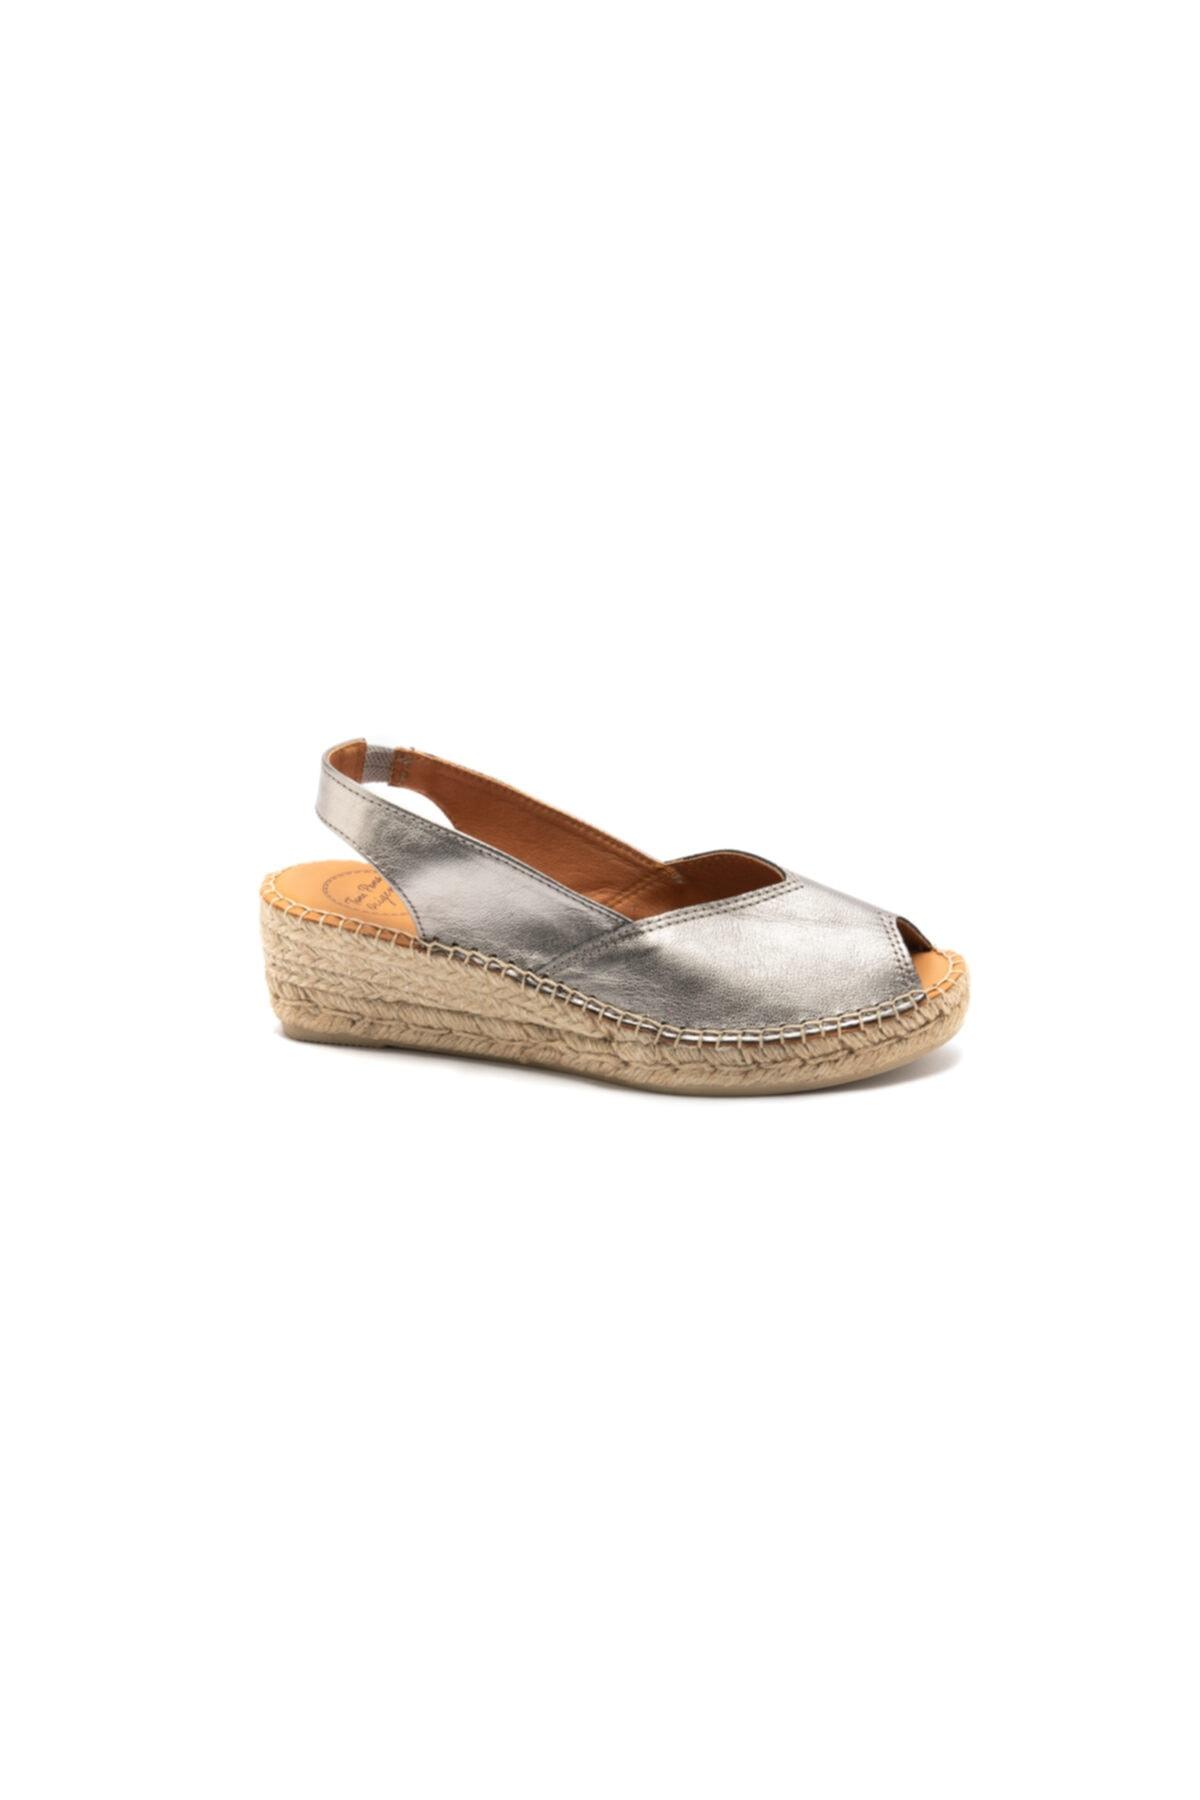 Toni Pons Kadın Çelik Mavisi Sandalet